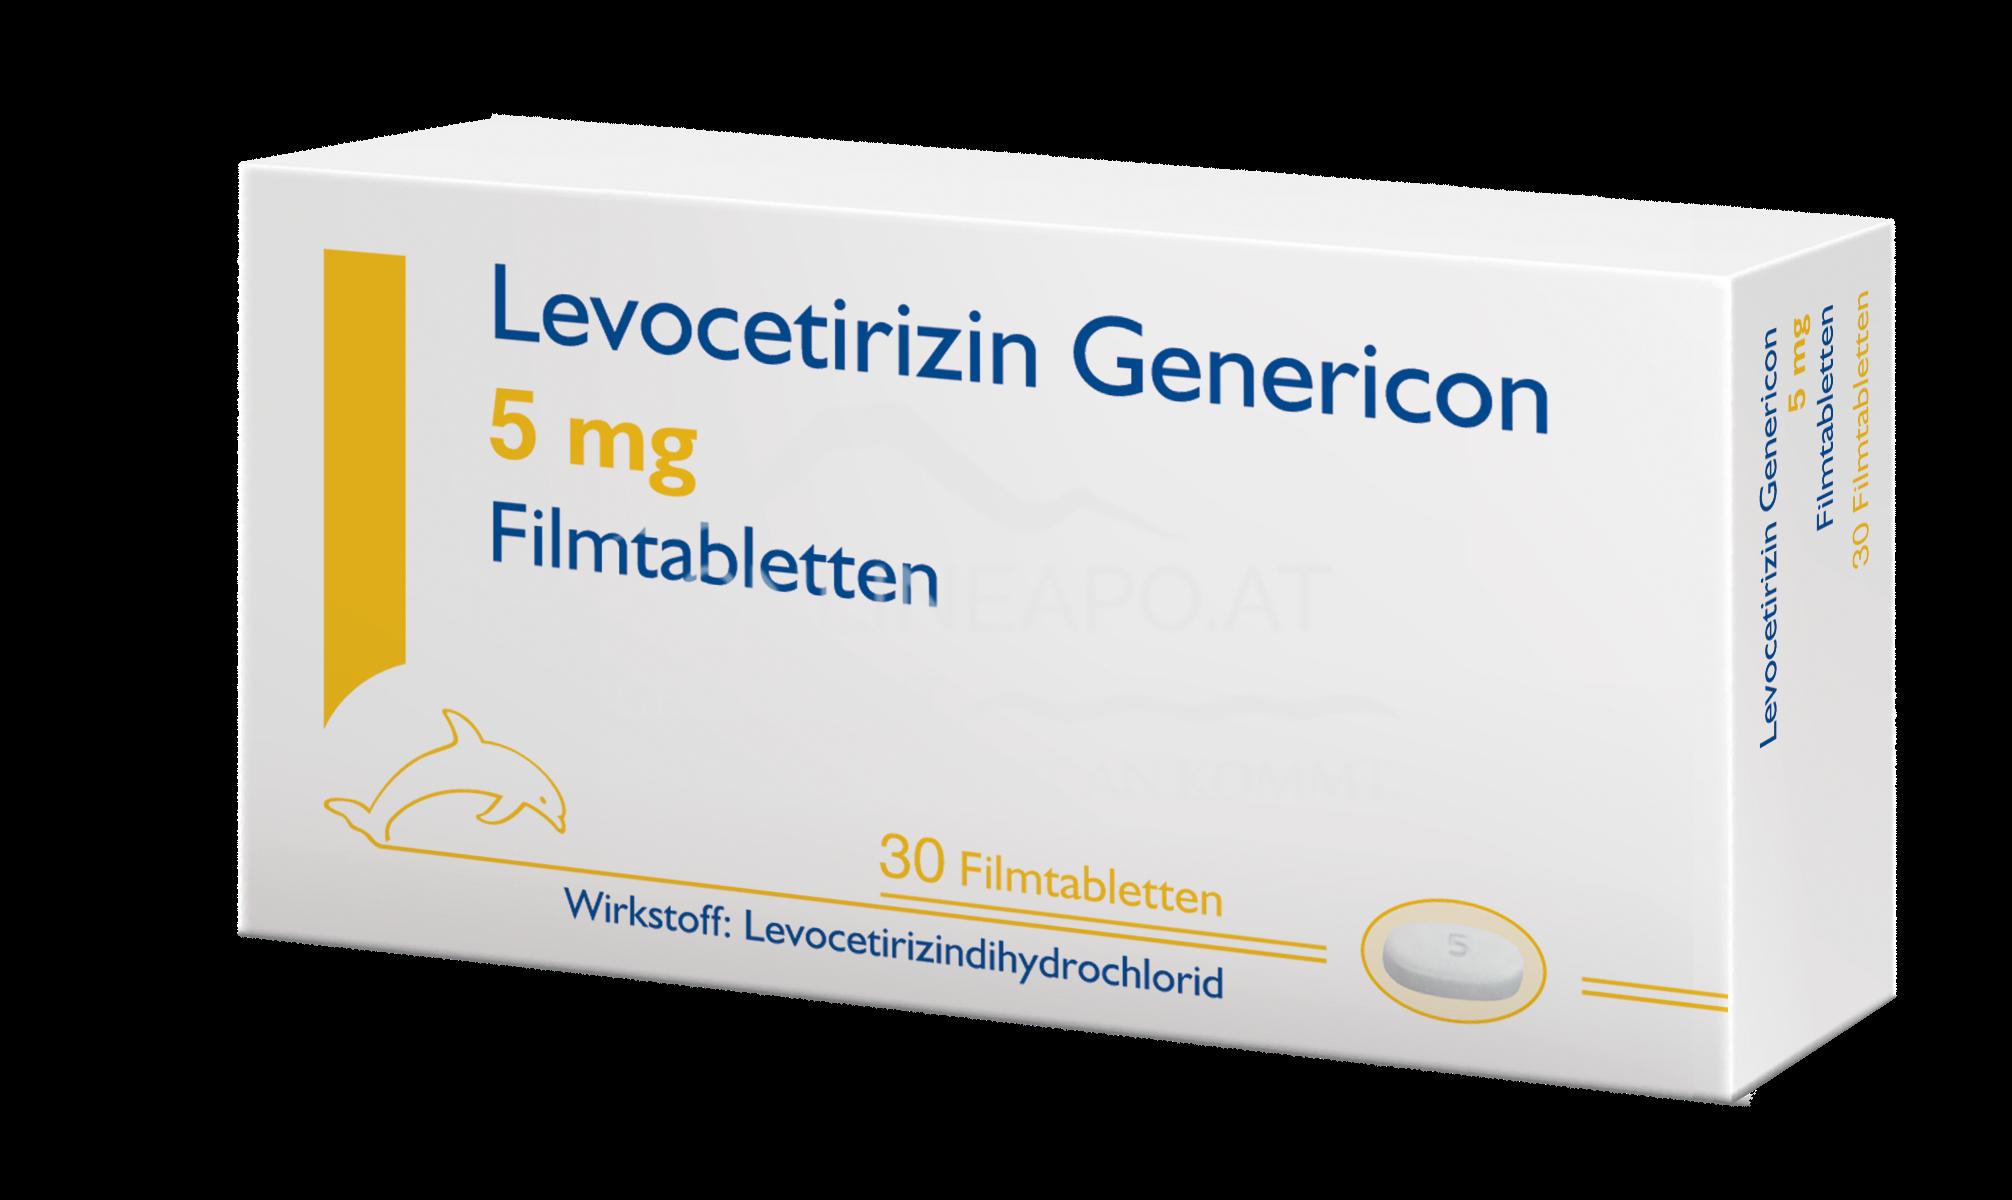 Levocetirizin Genericon Filmtabletten 5mg